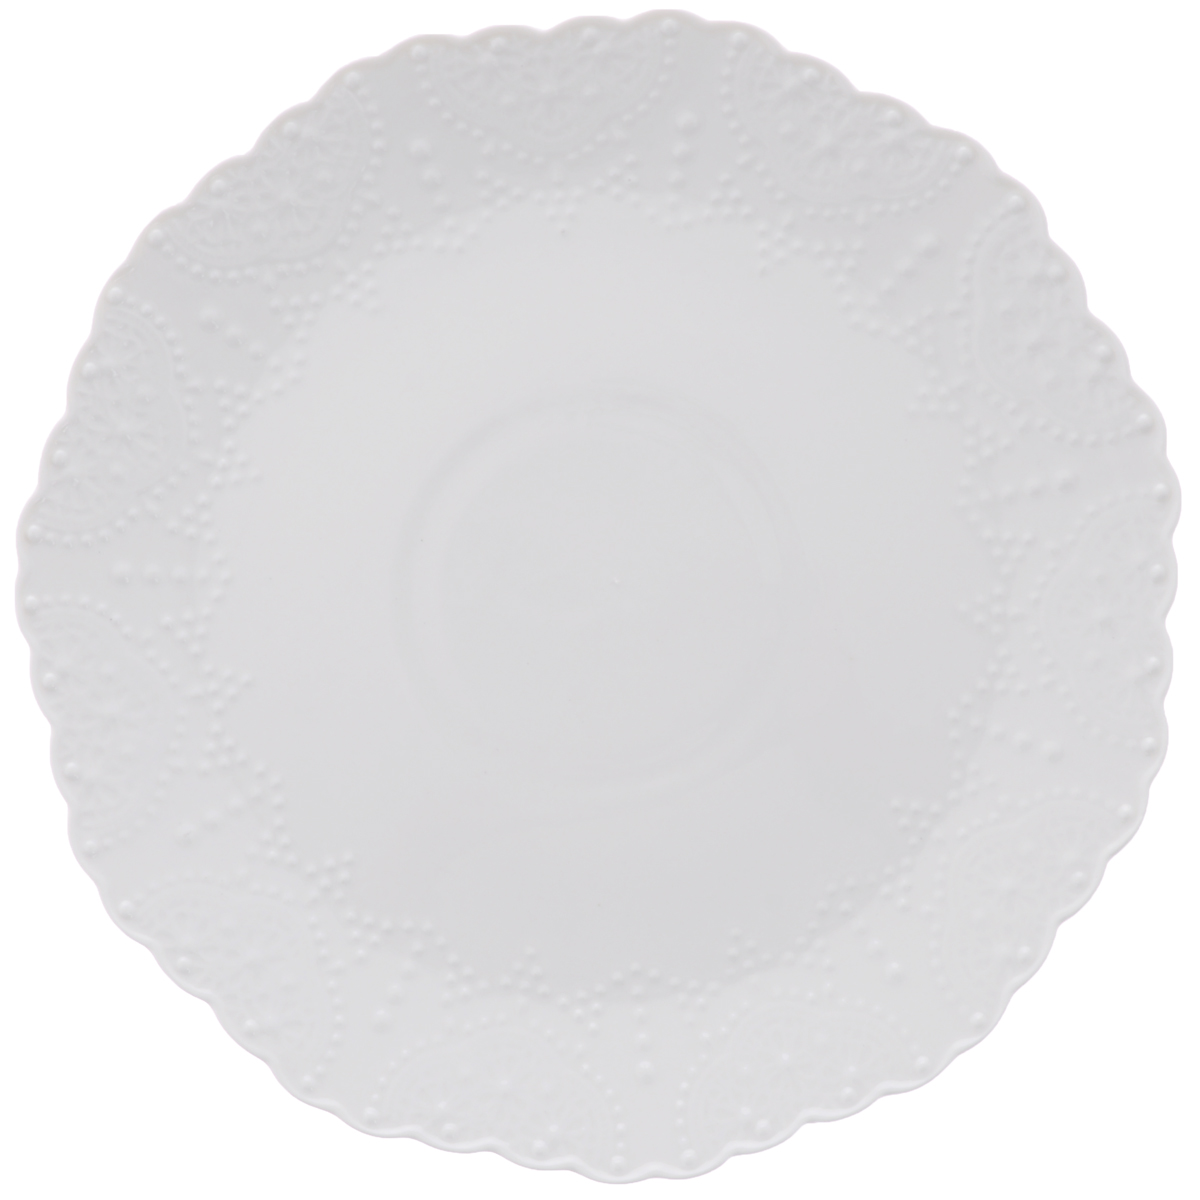 Тарелка обеденная Walmer Vivien, цвет: белый, диаметр 26 смW07230026Обеденная тарелка Walmer Vivien, изготовленная из высококачественного фарфора, имеет изысканный внешний вид. Яркий дизайн придется по вкусу и ценителям классики, и тем, кто предпочитает утонченность. Тарелка Walmer Vivien идеально подойдет для сервировки стола и станет отличным подарком к любому празднику.Диаметр (по верхнему краю): 26 см